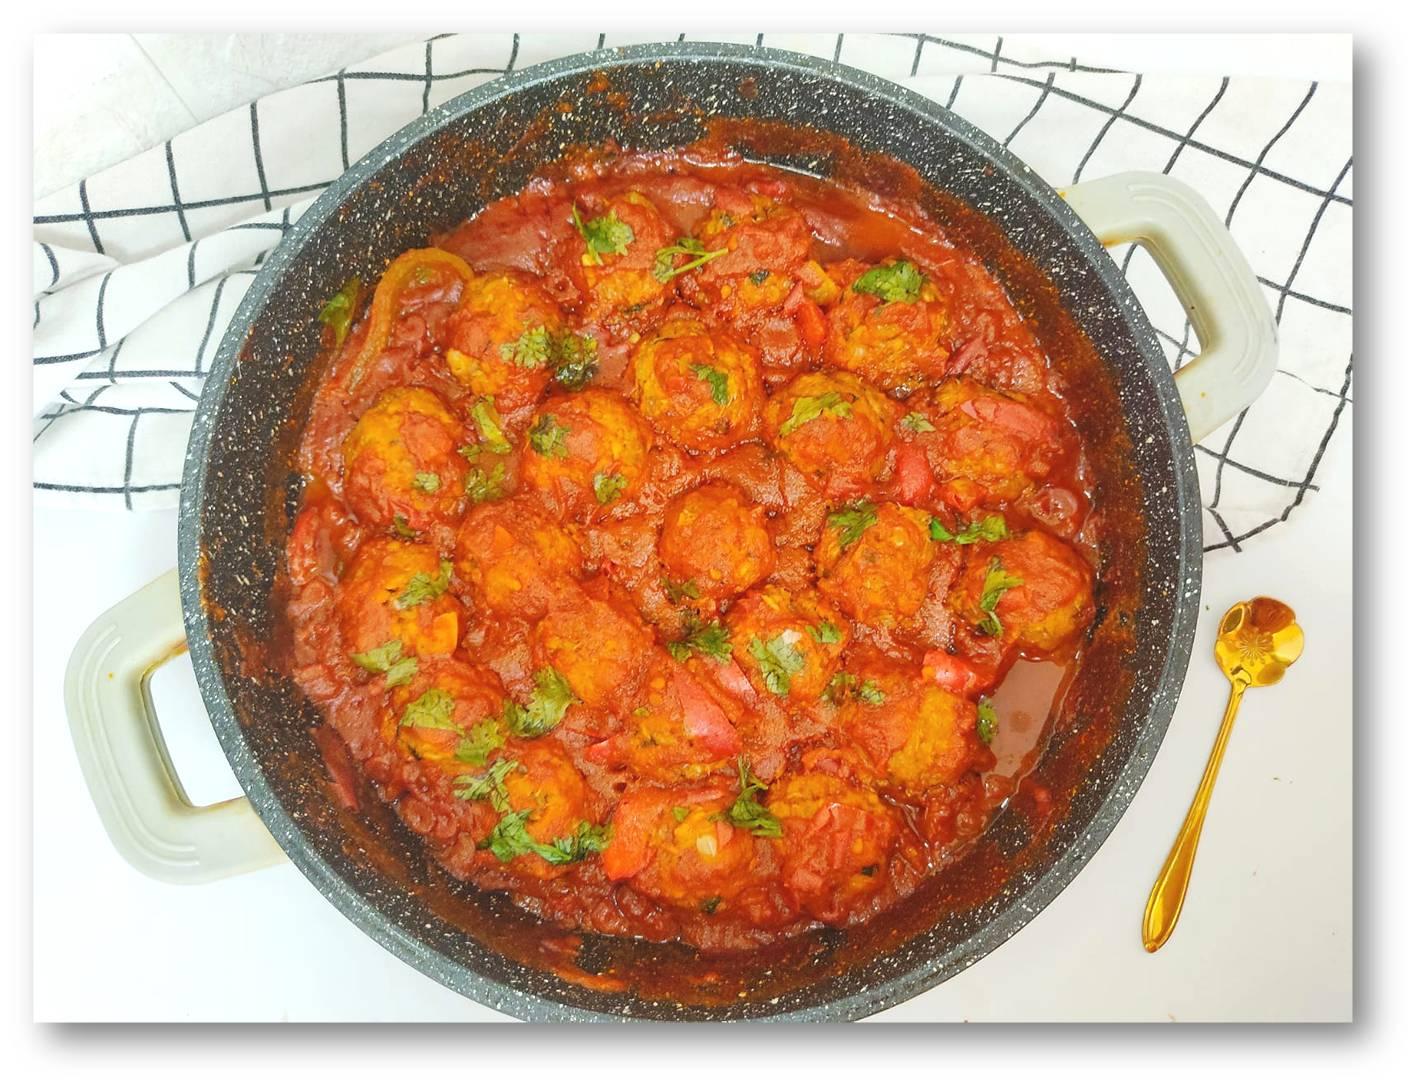 קציצות דגים (טונה) ברוטב עגבניות ופלפלים